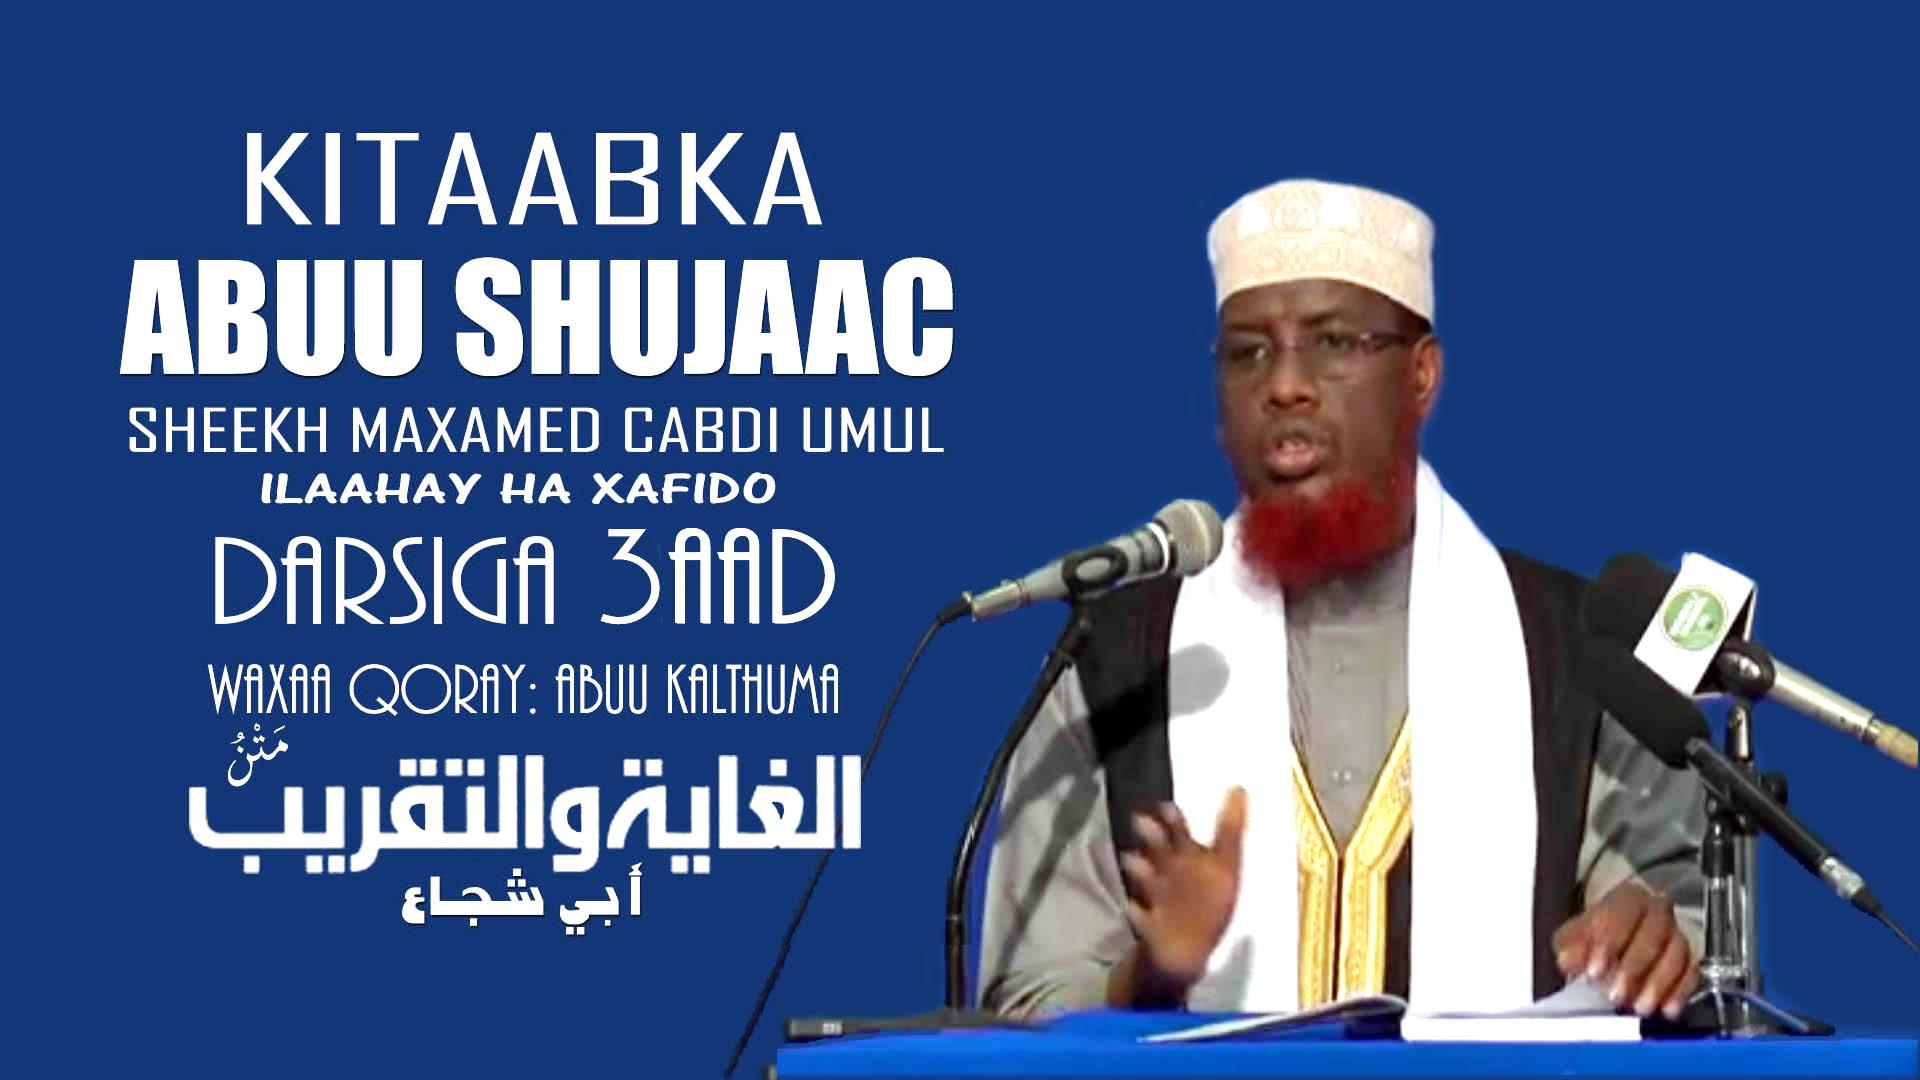 Kitaabka Abuu Shujaac – Qaybta 3aad